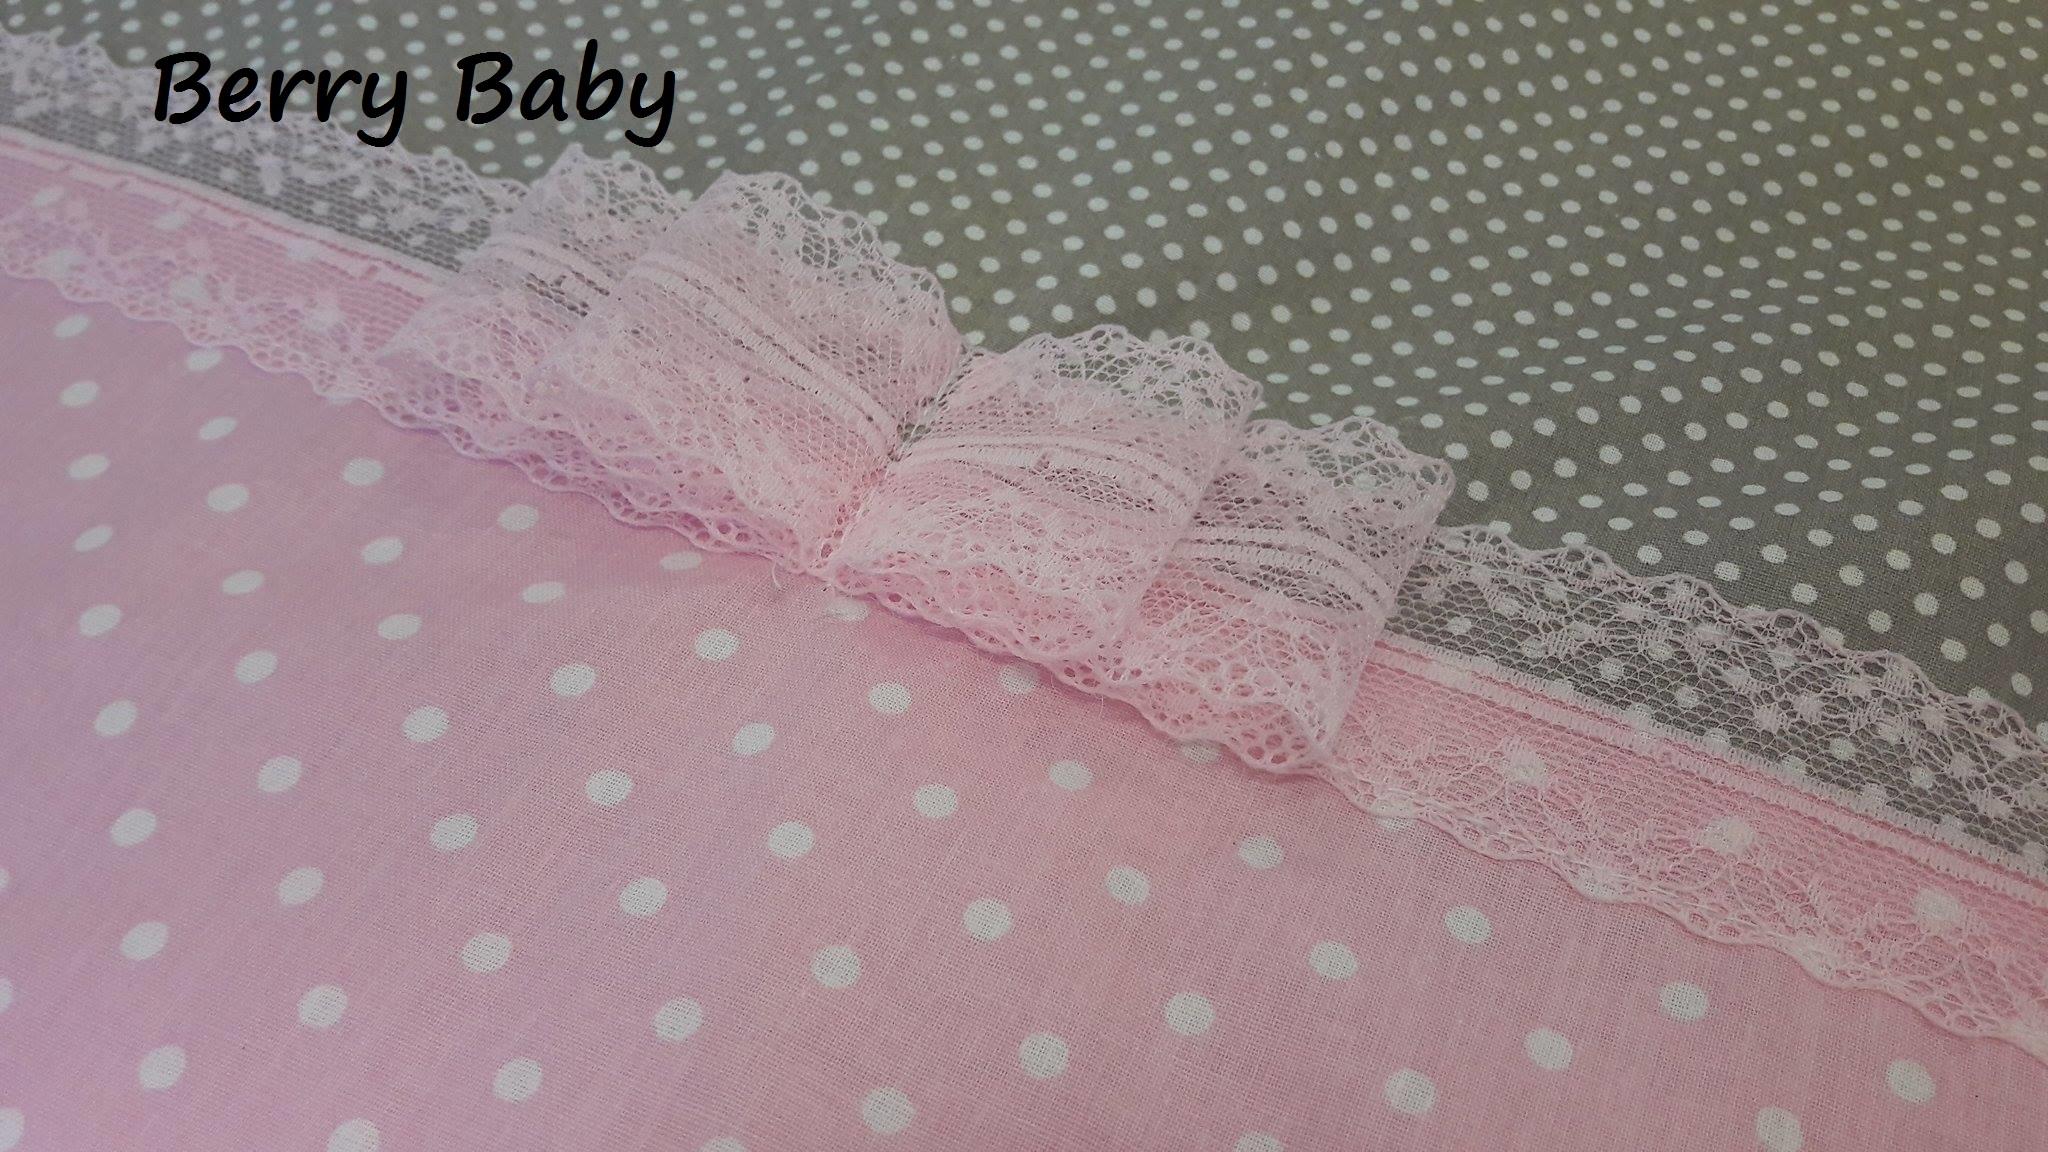 3 részes ágynemű szett (bővíthető)  Rózsaszín pöttyös+szürke apró pöttyös -  Lányoknak- babaágynemű szett 92dd23f1c3